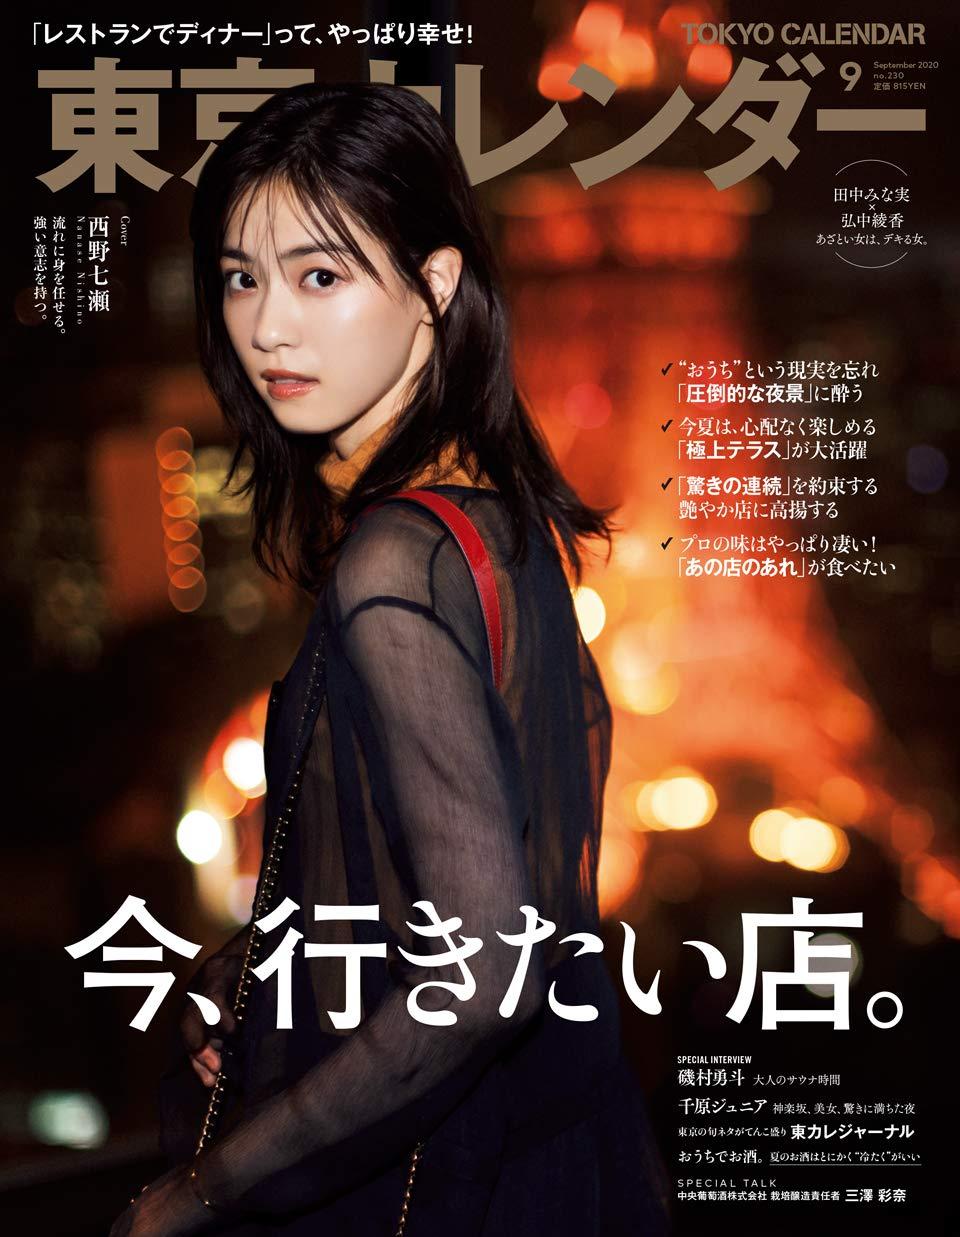 東京カレンダー 2020年09月号 乃木坂46 西野七瀬